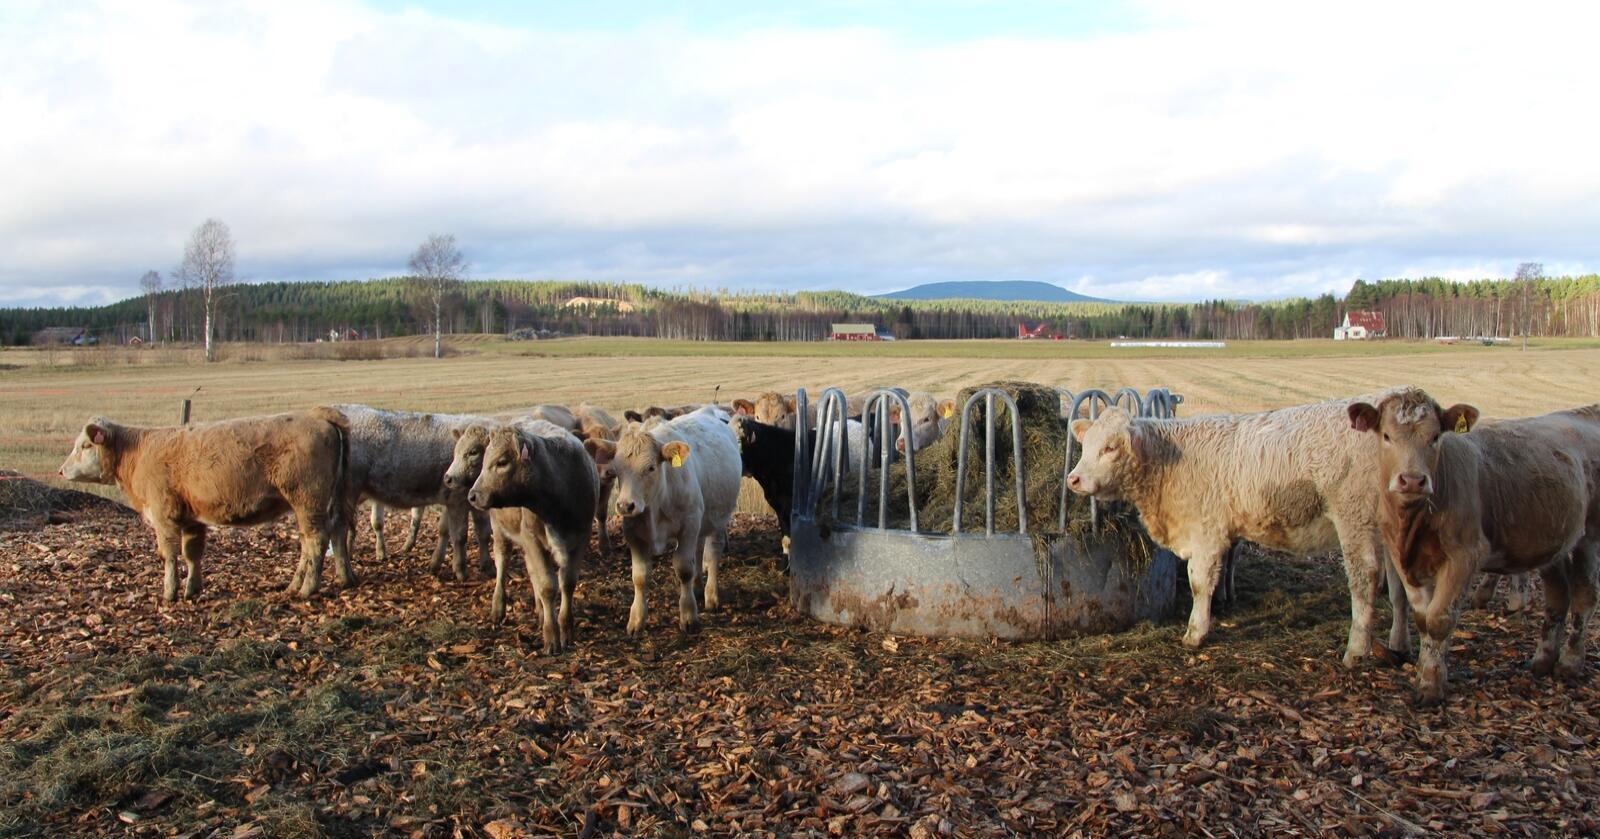 STORT BEHOV: Nortura vil redusere underdekninga av storfekjøtt, ved å legge til rette for økt produksjon på eksisterende dyr.